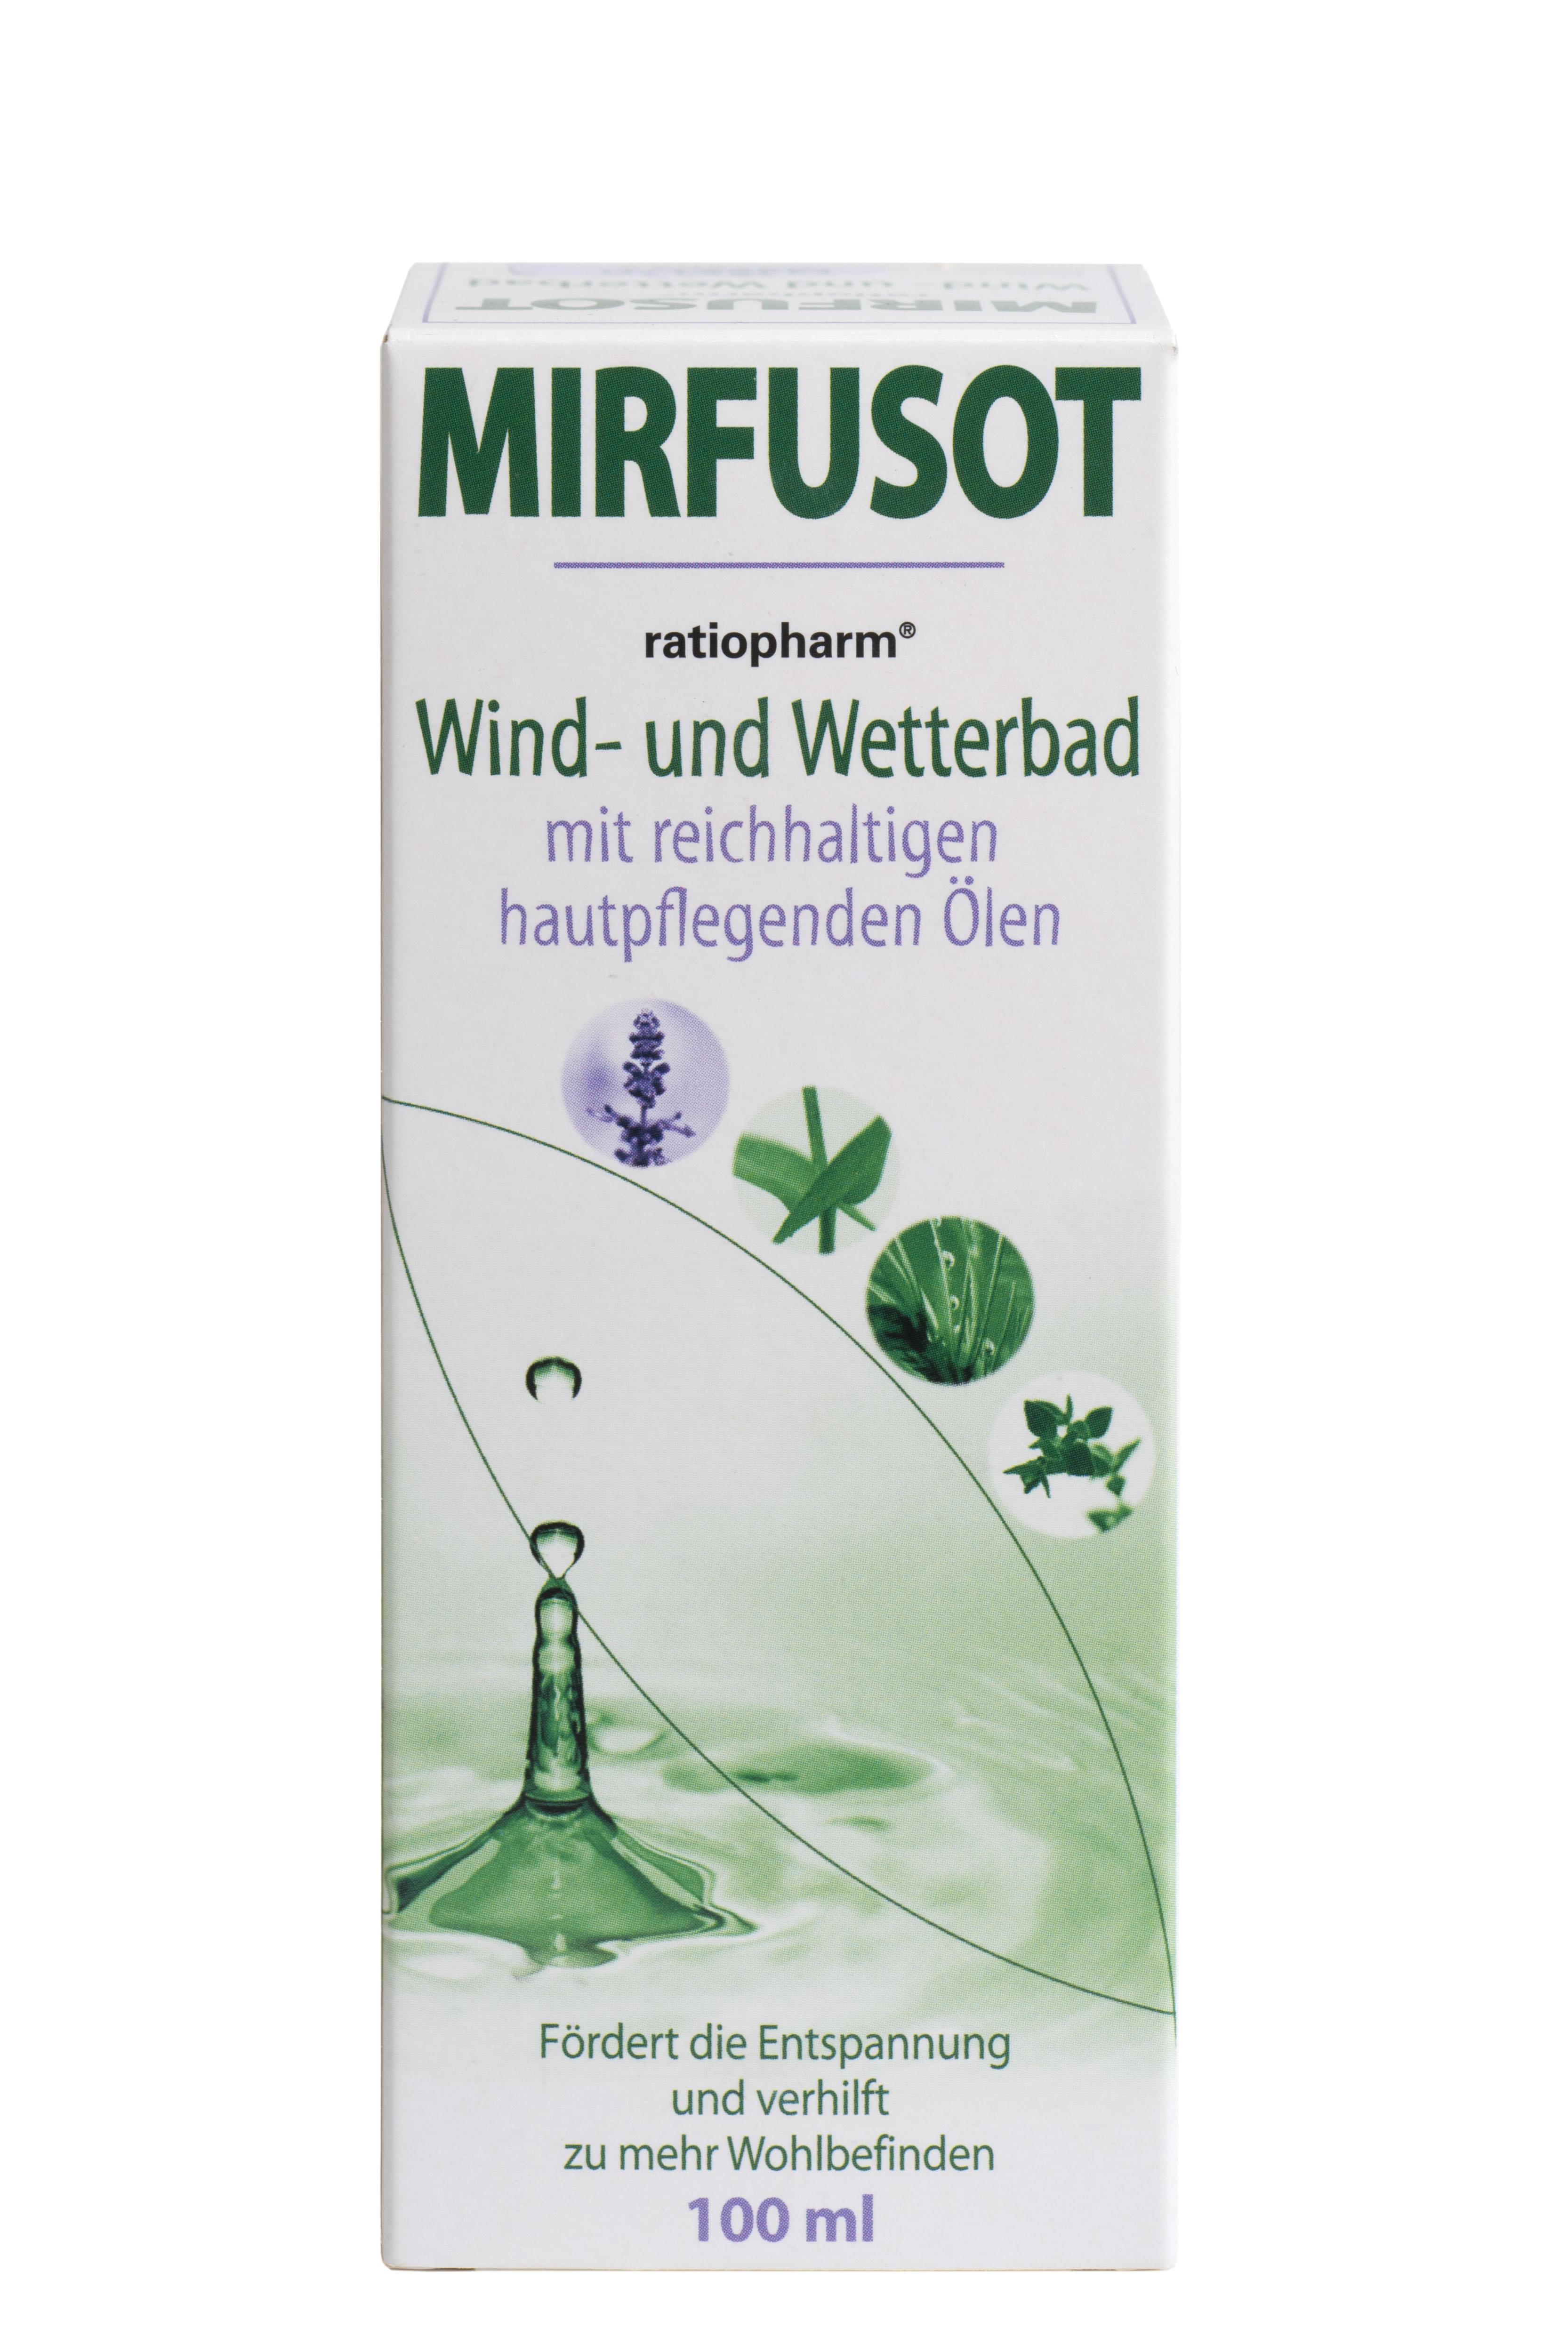 Mirfusot ratiopharm® Wind- und Wetterbad